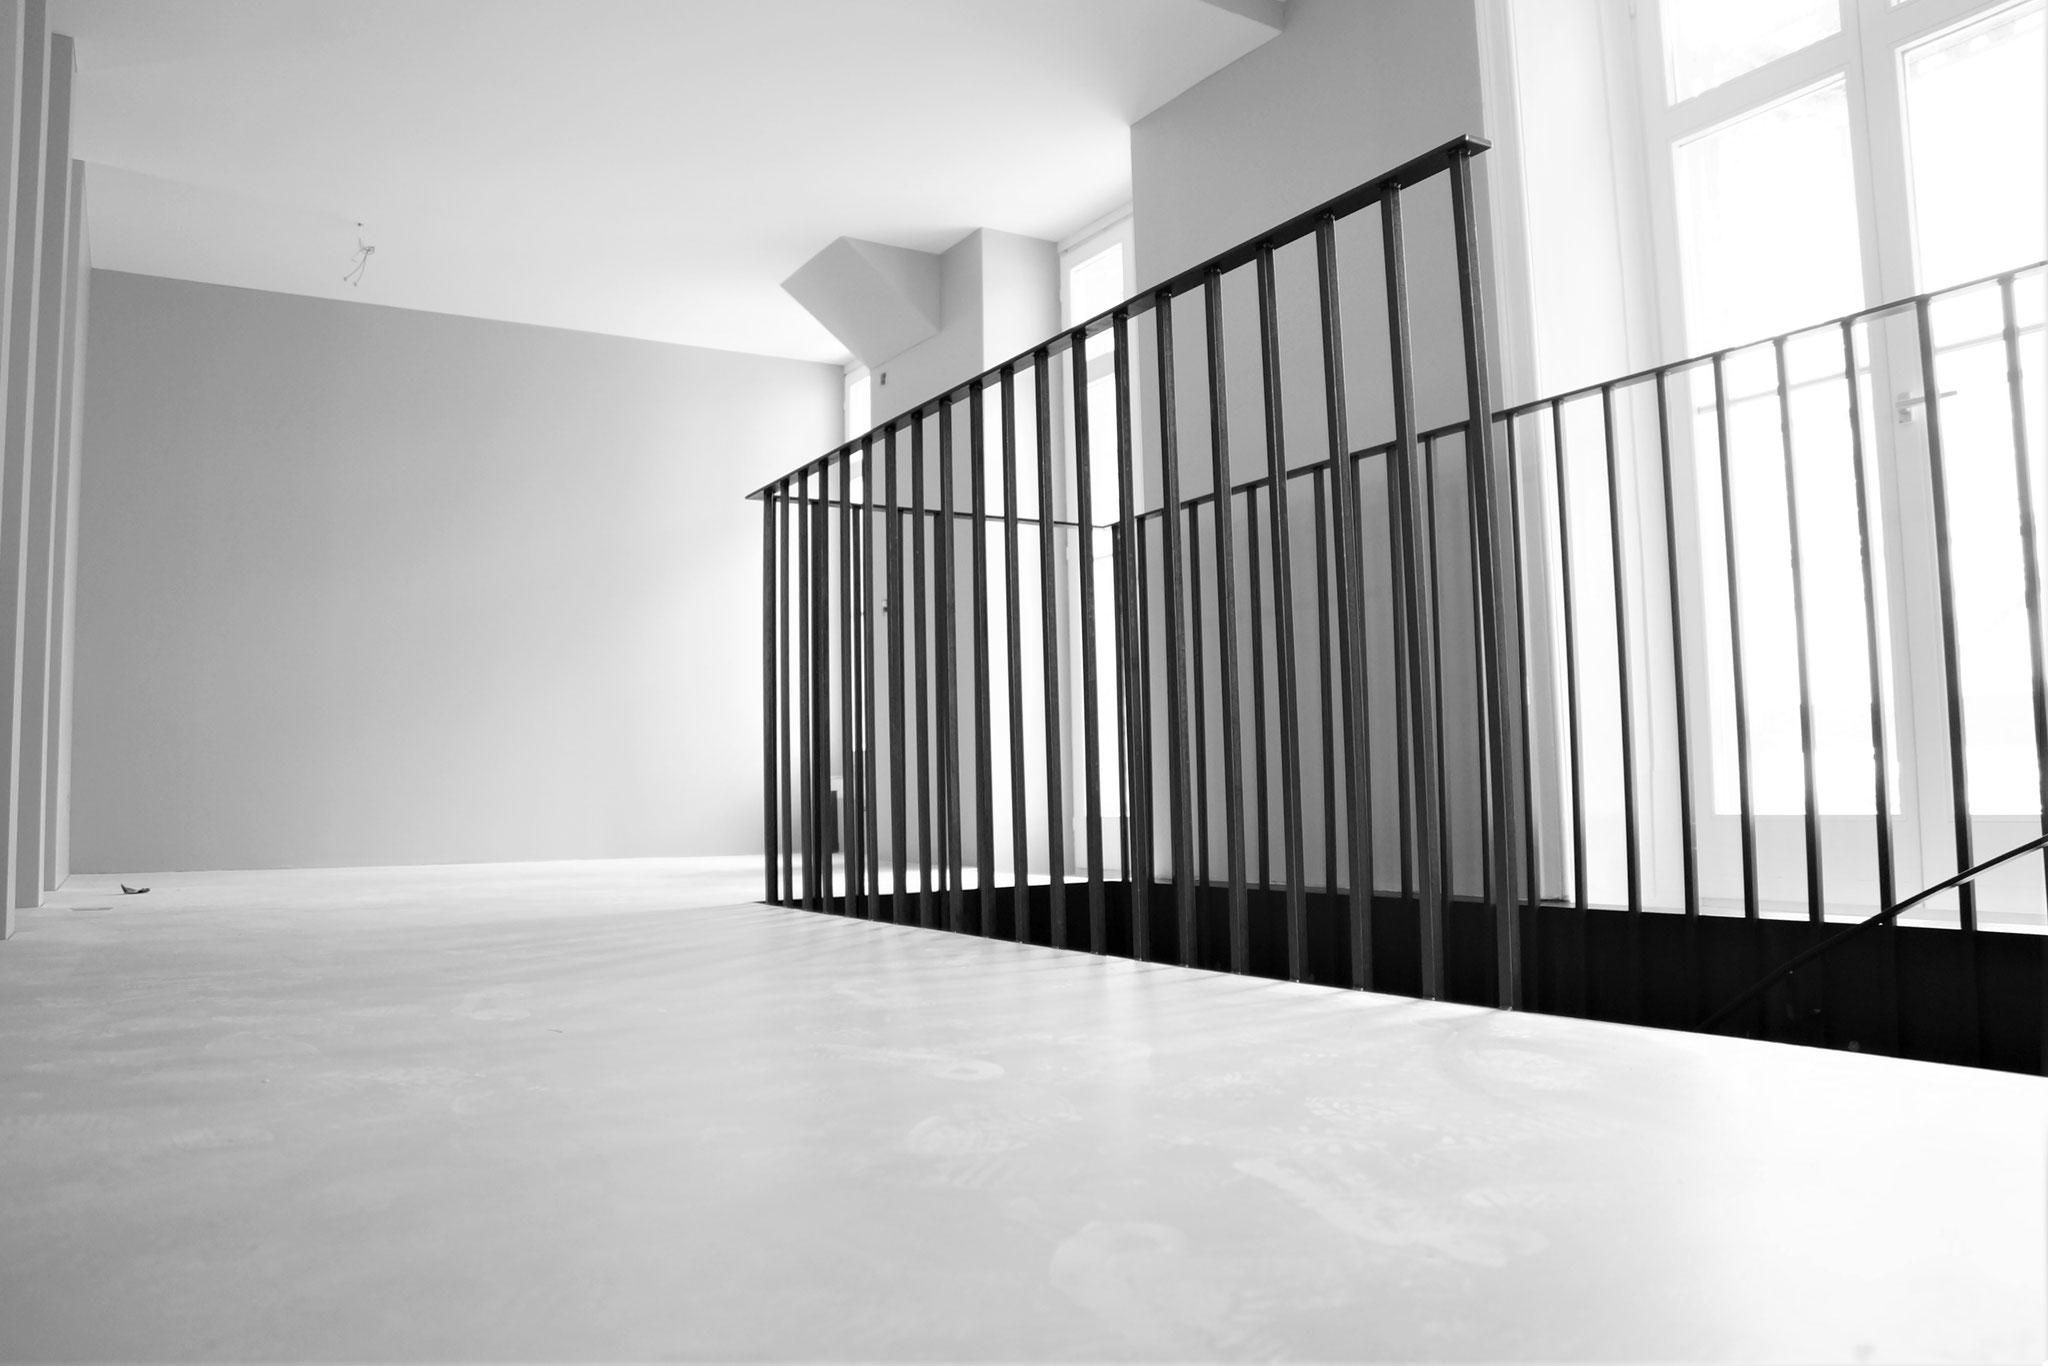 Treppengeländer in Ladenraum Luzern